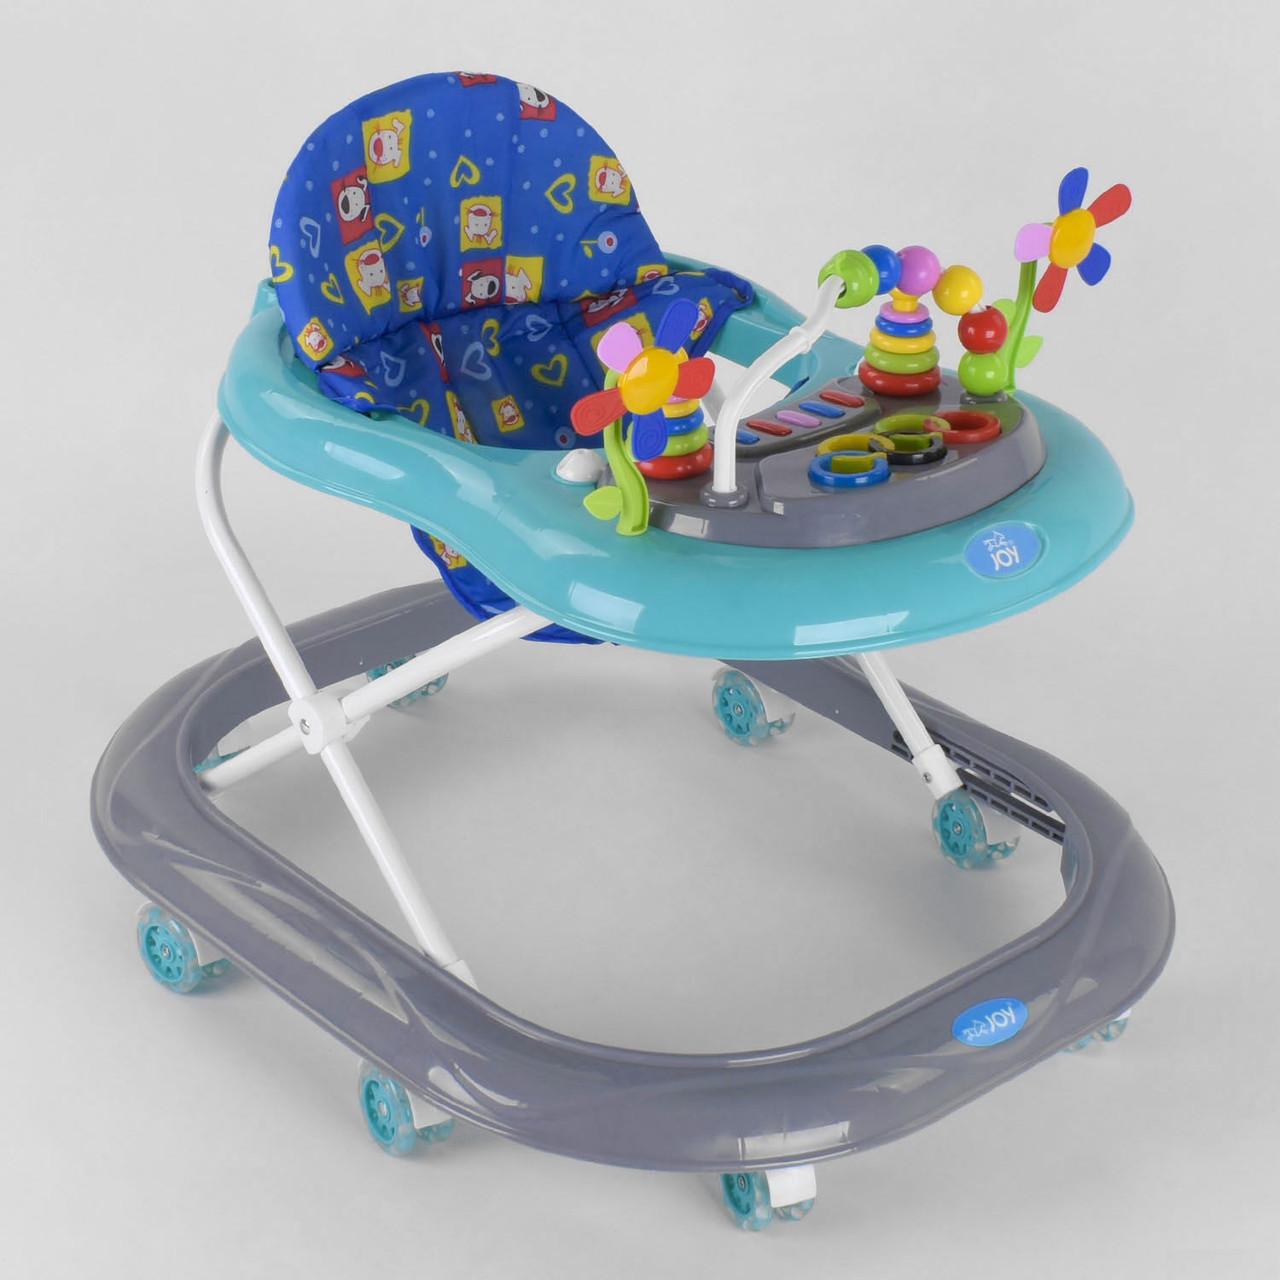 Дитячі ходунки музичні для малюків / ходунки для хлопчика з силіконовими колесами